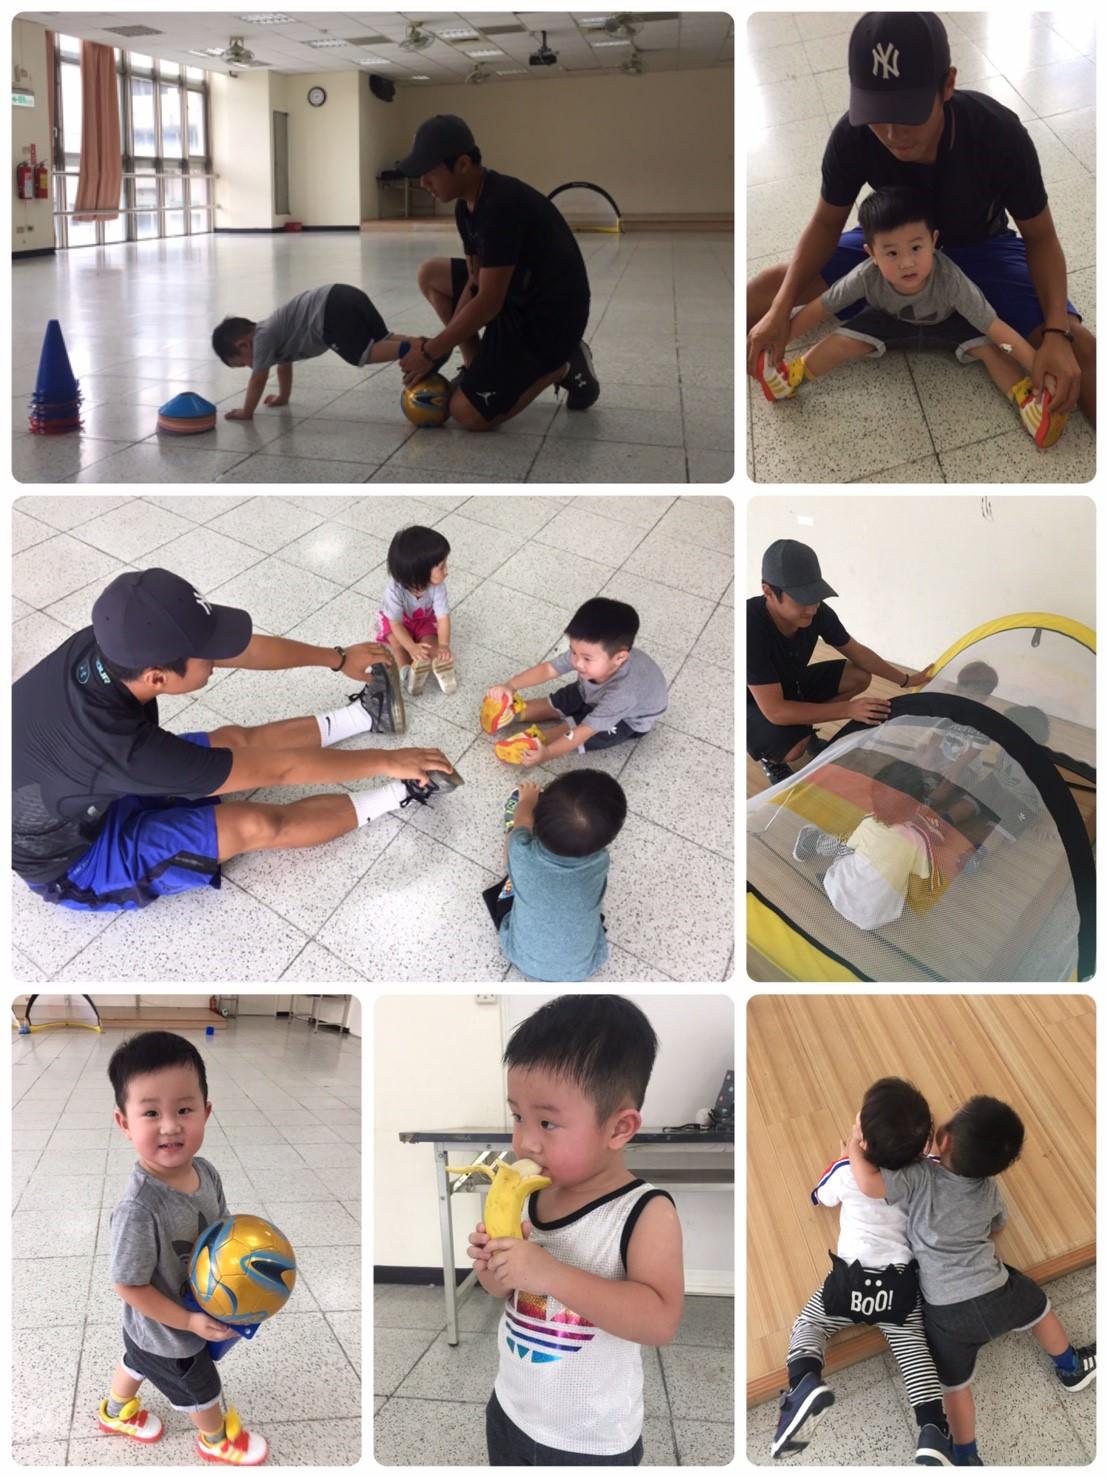 2歲寶寶的足球課❤️ AARON BB上課趣❤️養成喜歡運動的開始(≧∇≦)/